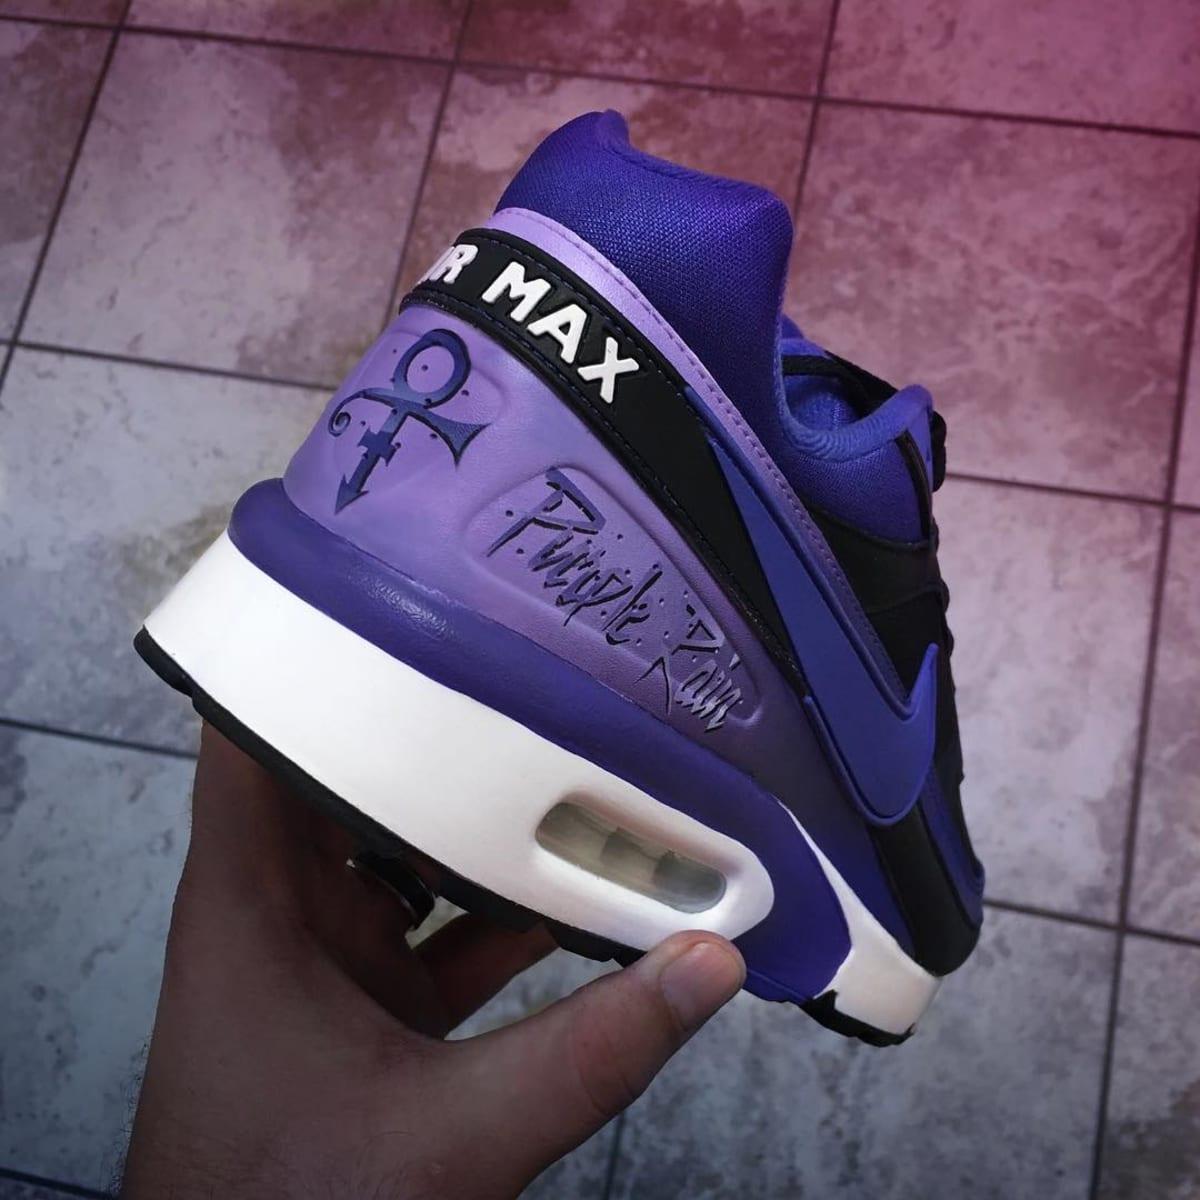 Air Max Purple Rain Shoes